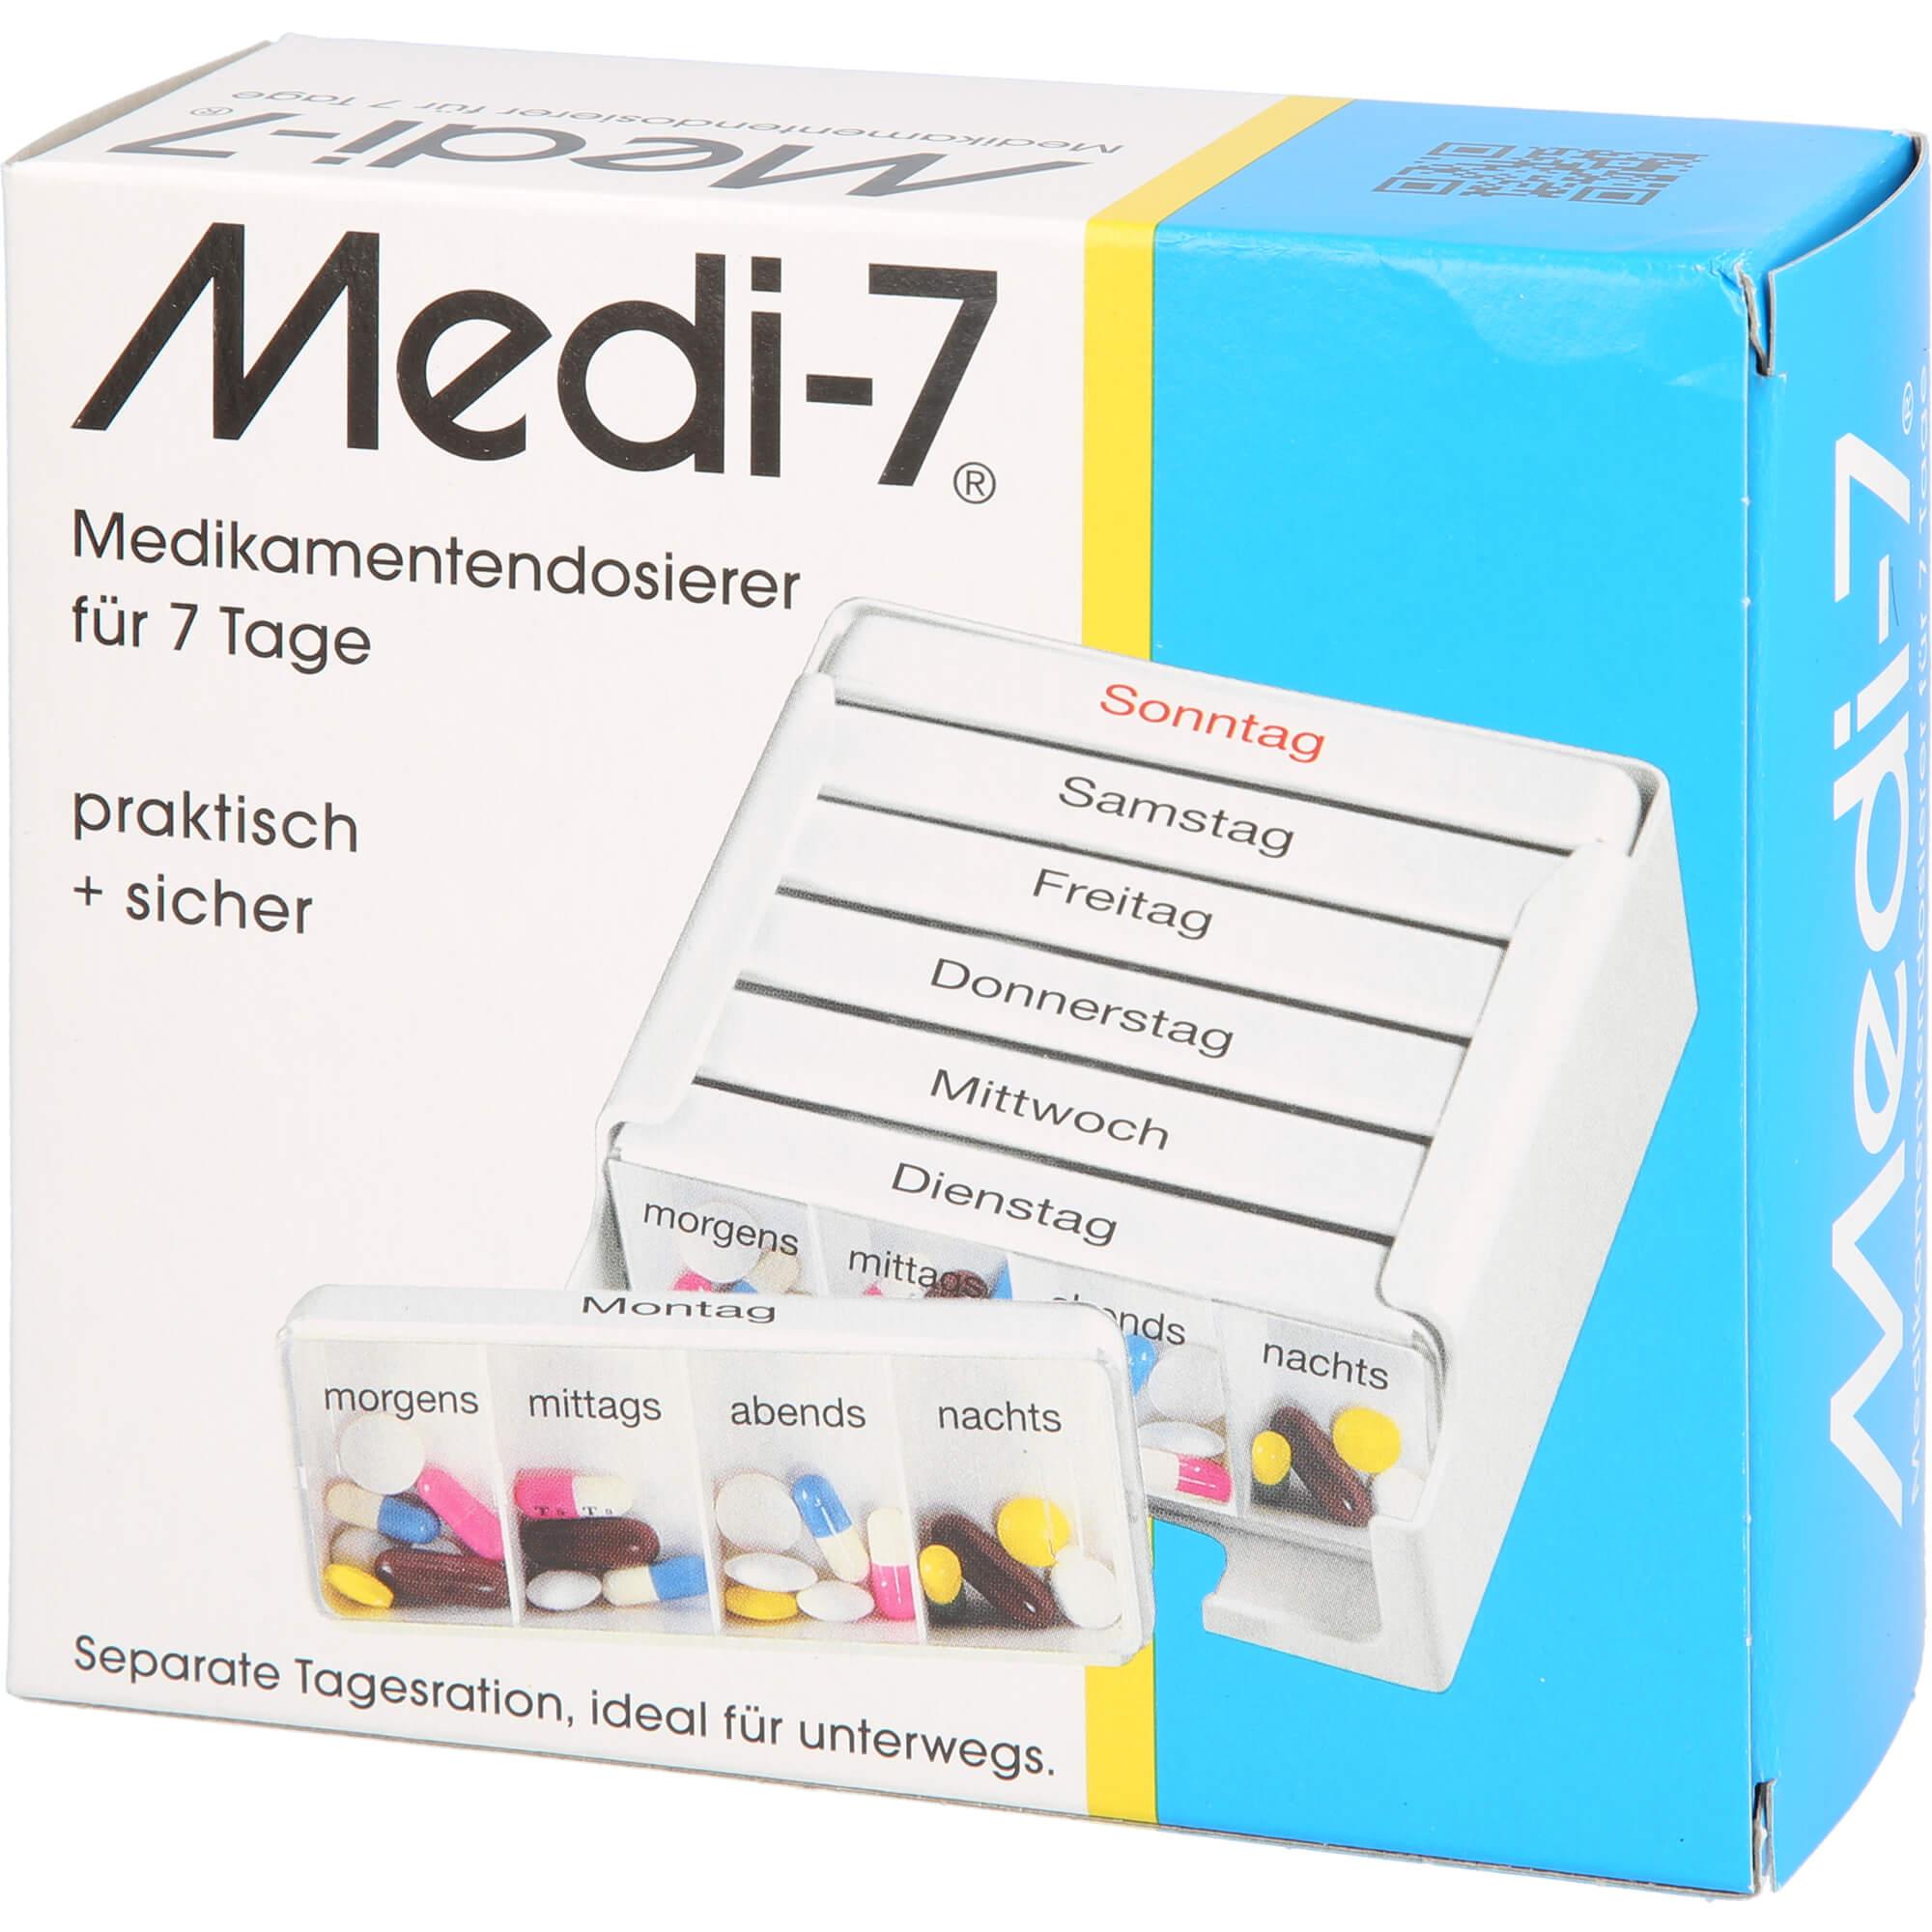 MEDI 7 Medikamentendosierer für 7 Tage, weiß